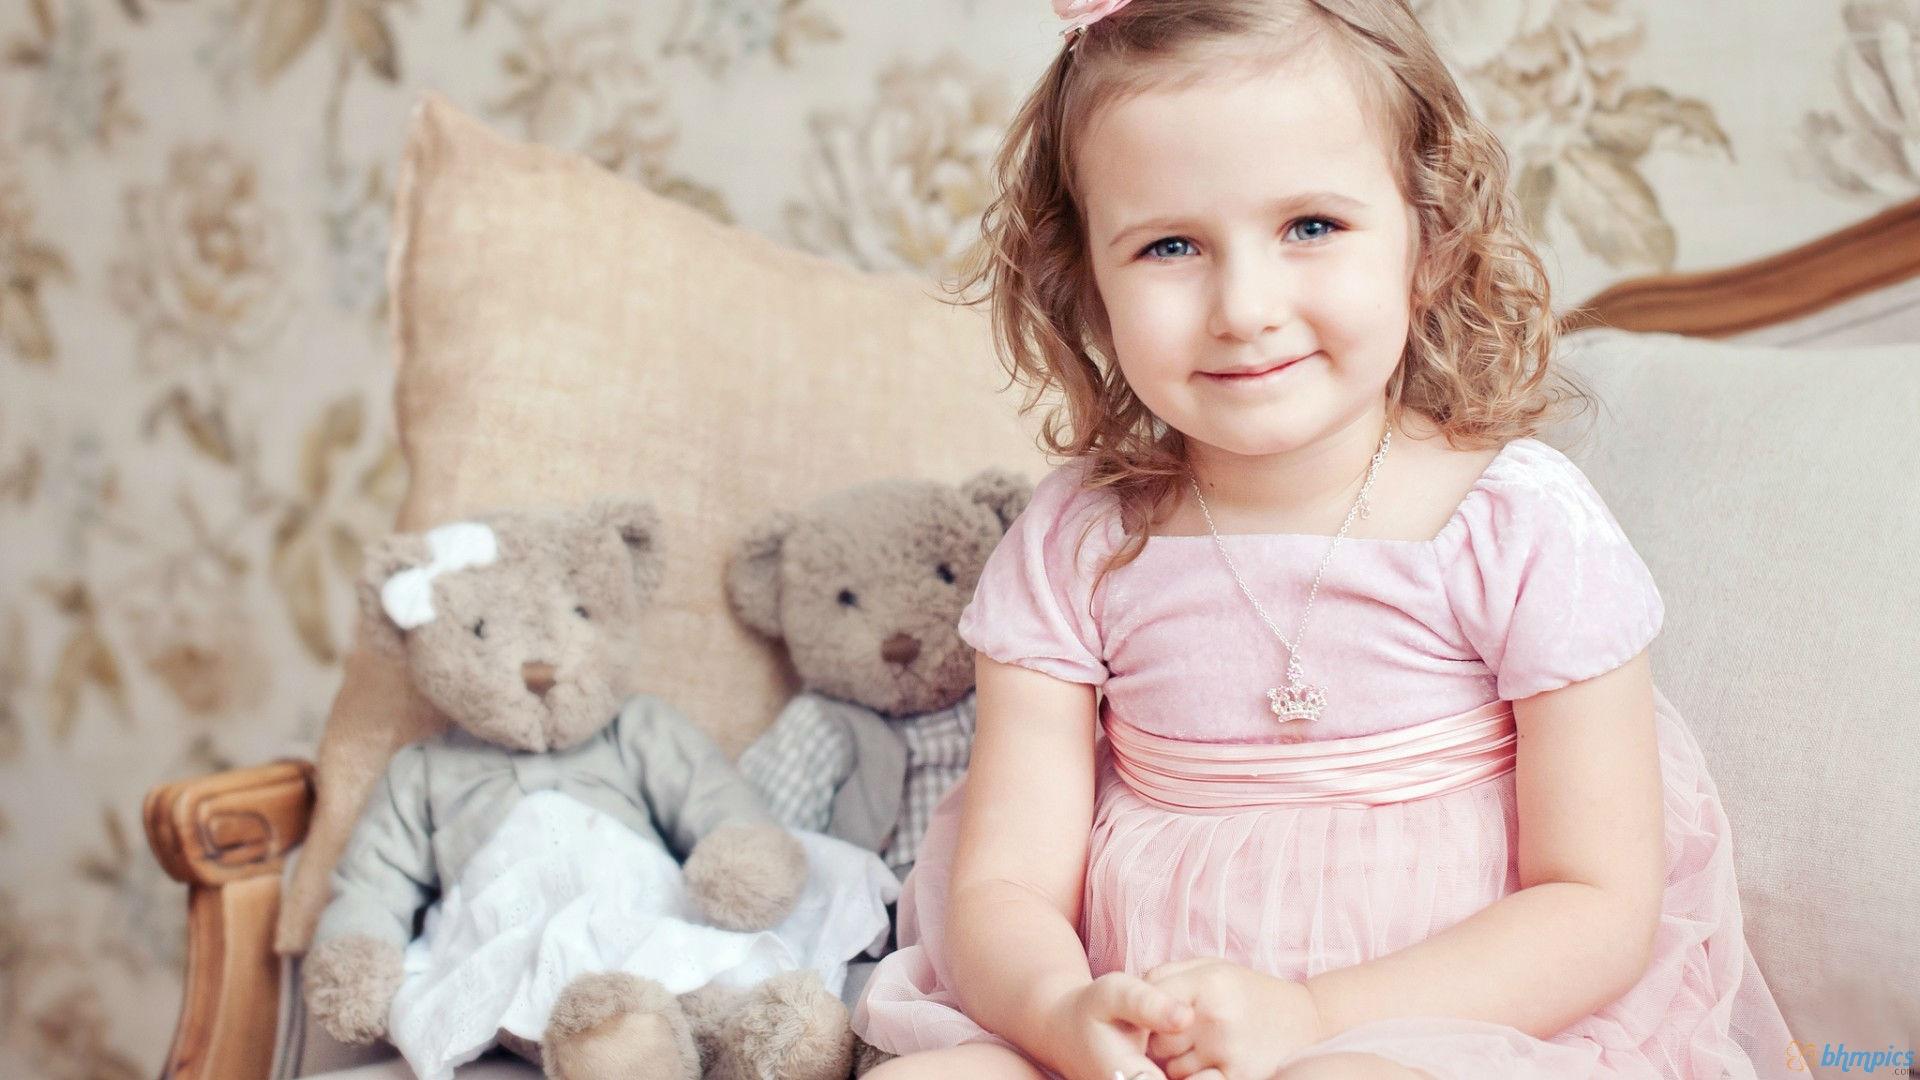 بالصور صور اولاد صغار , اجمل صور اولاد صغار 3358 11